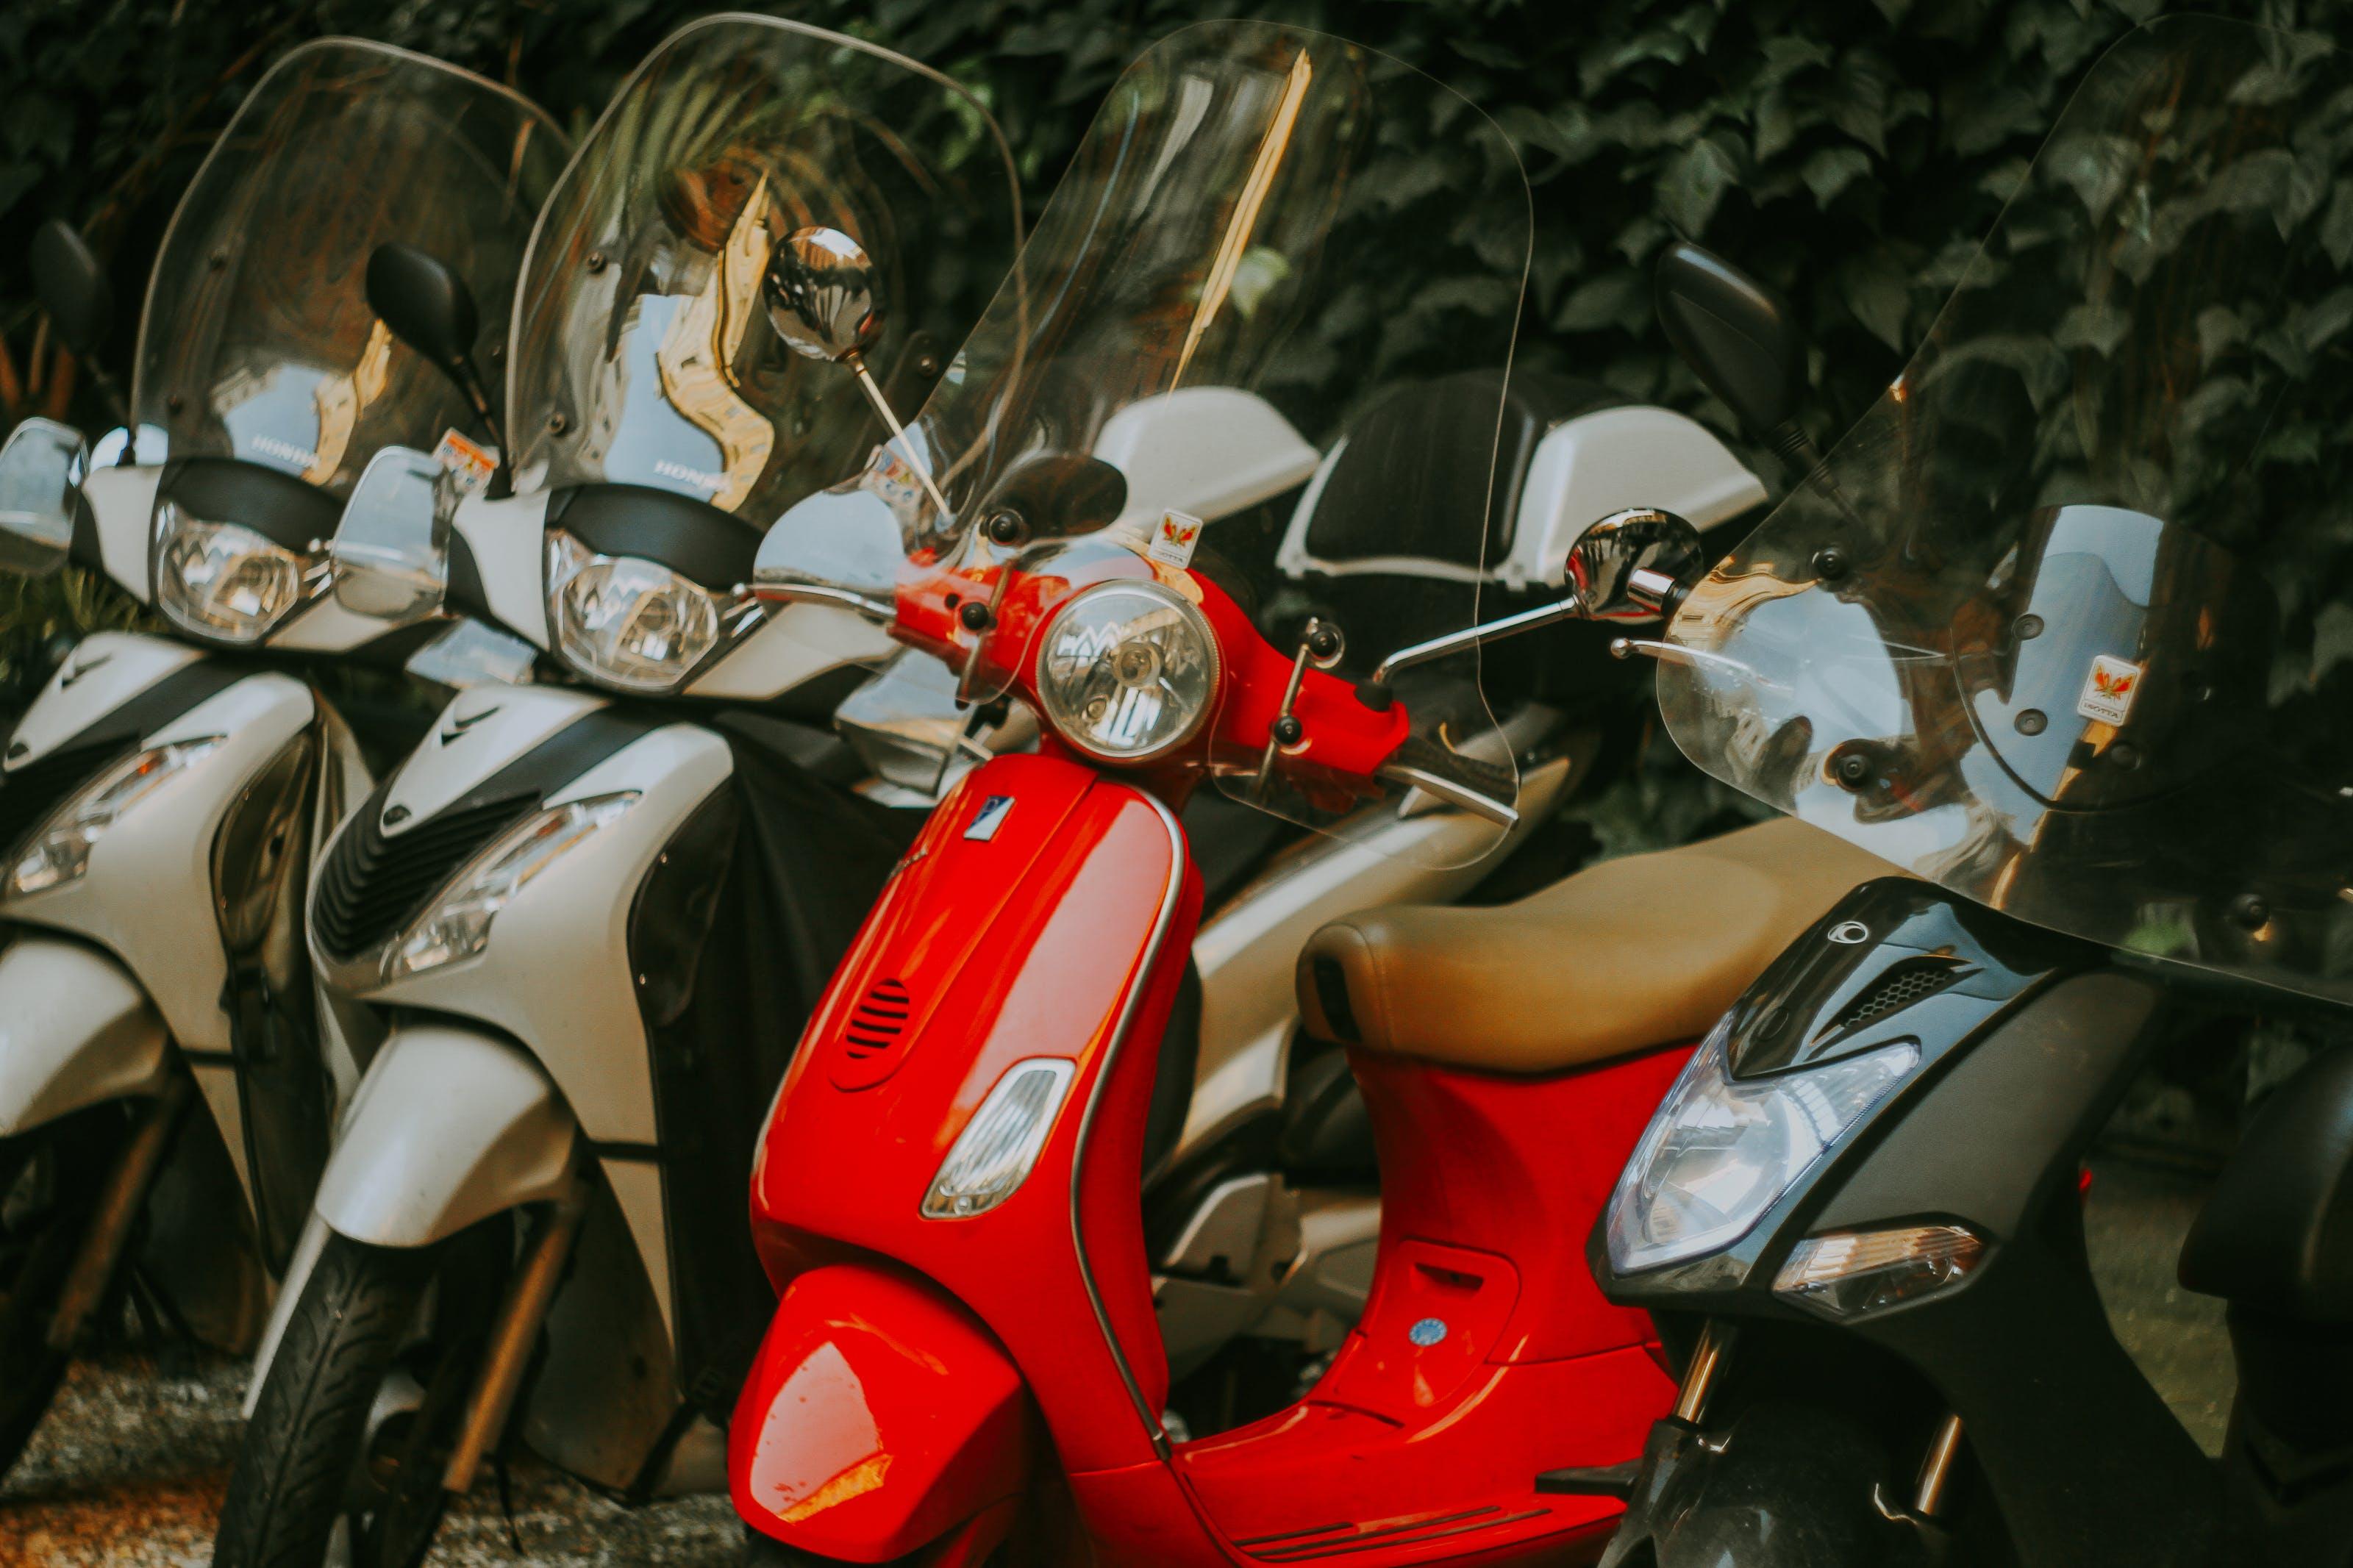 Kostenloses Stock Foto zu details, italien, roller, rom